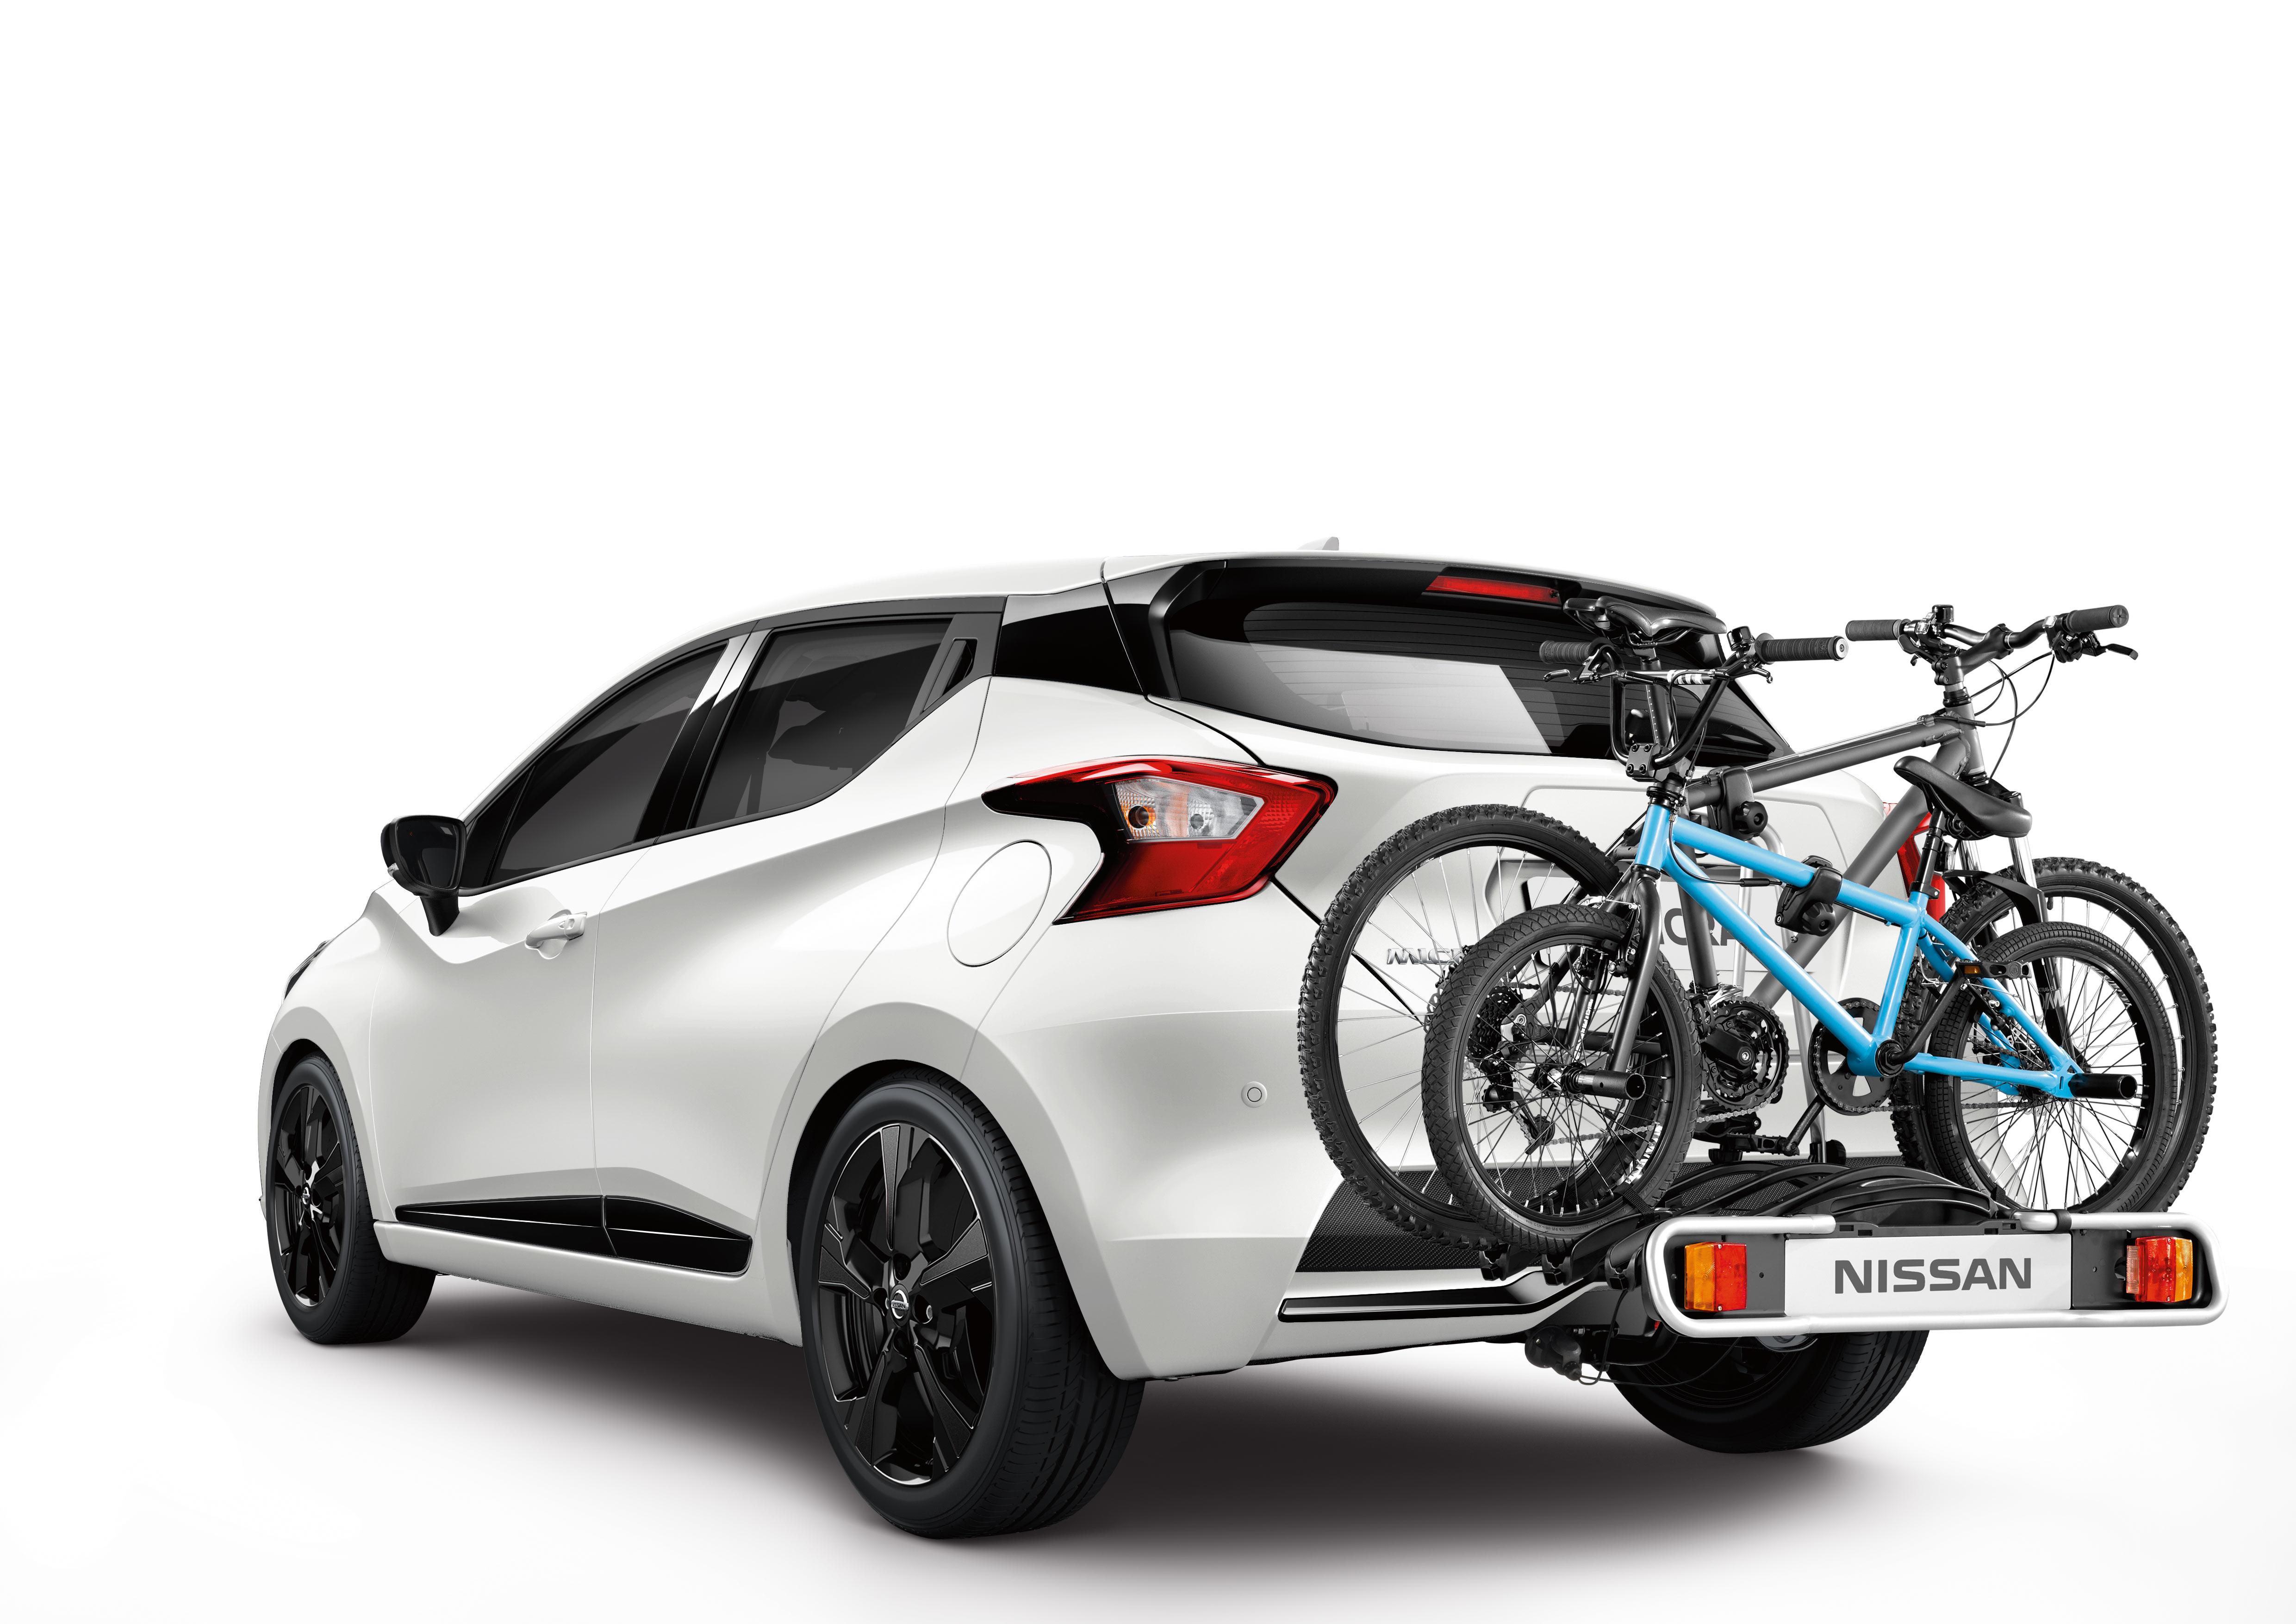 Uz sakabes āķa stiprināms velosipēdu turētājs, salokāms, 13 tapu, 2 velosipēdiem (Euroride)